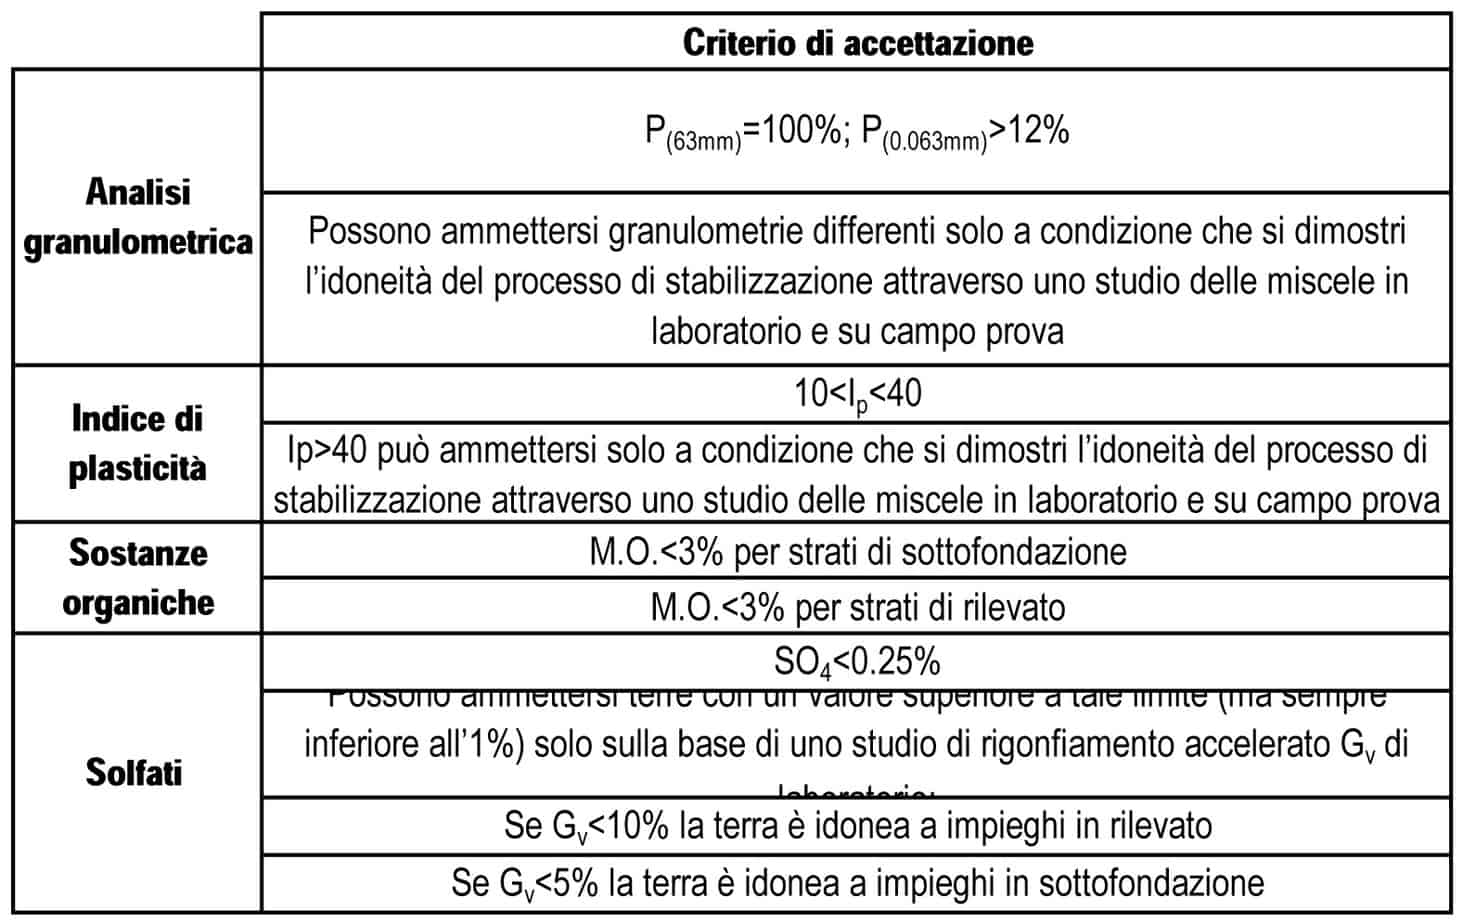 I criteri di accettazione impiegati per l'idoneità delle terre alla stabilizzazione a calce per la formazione dei rilevati stradali